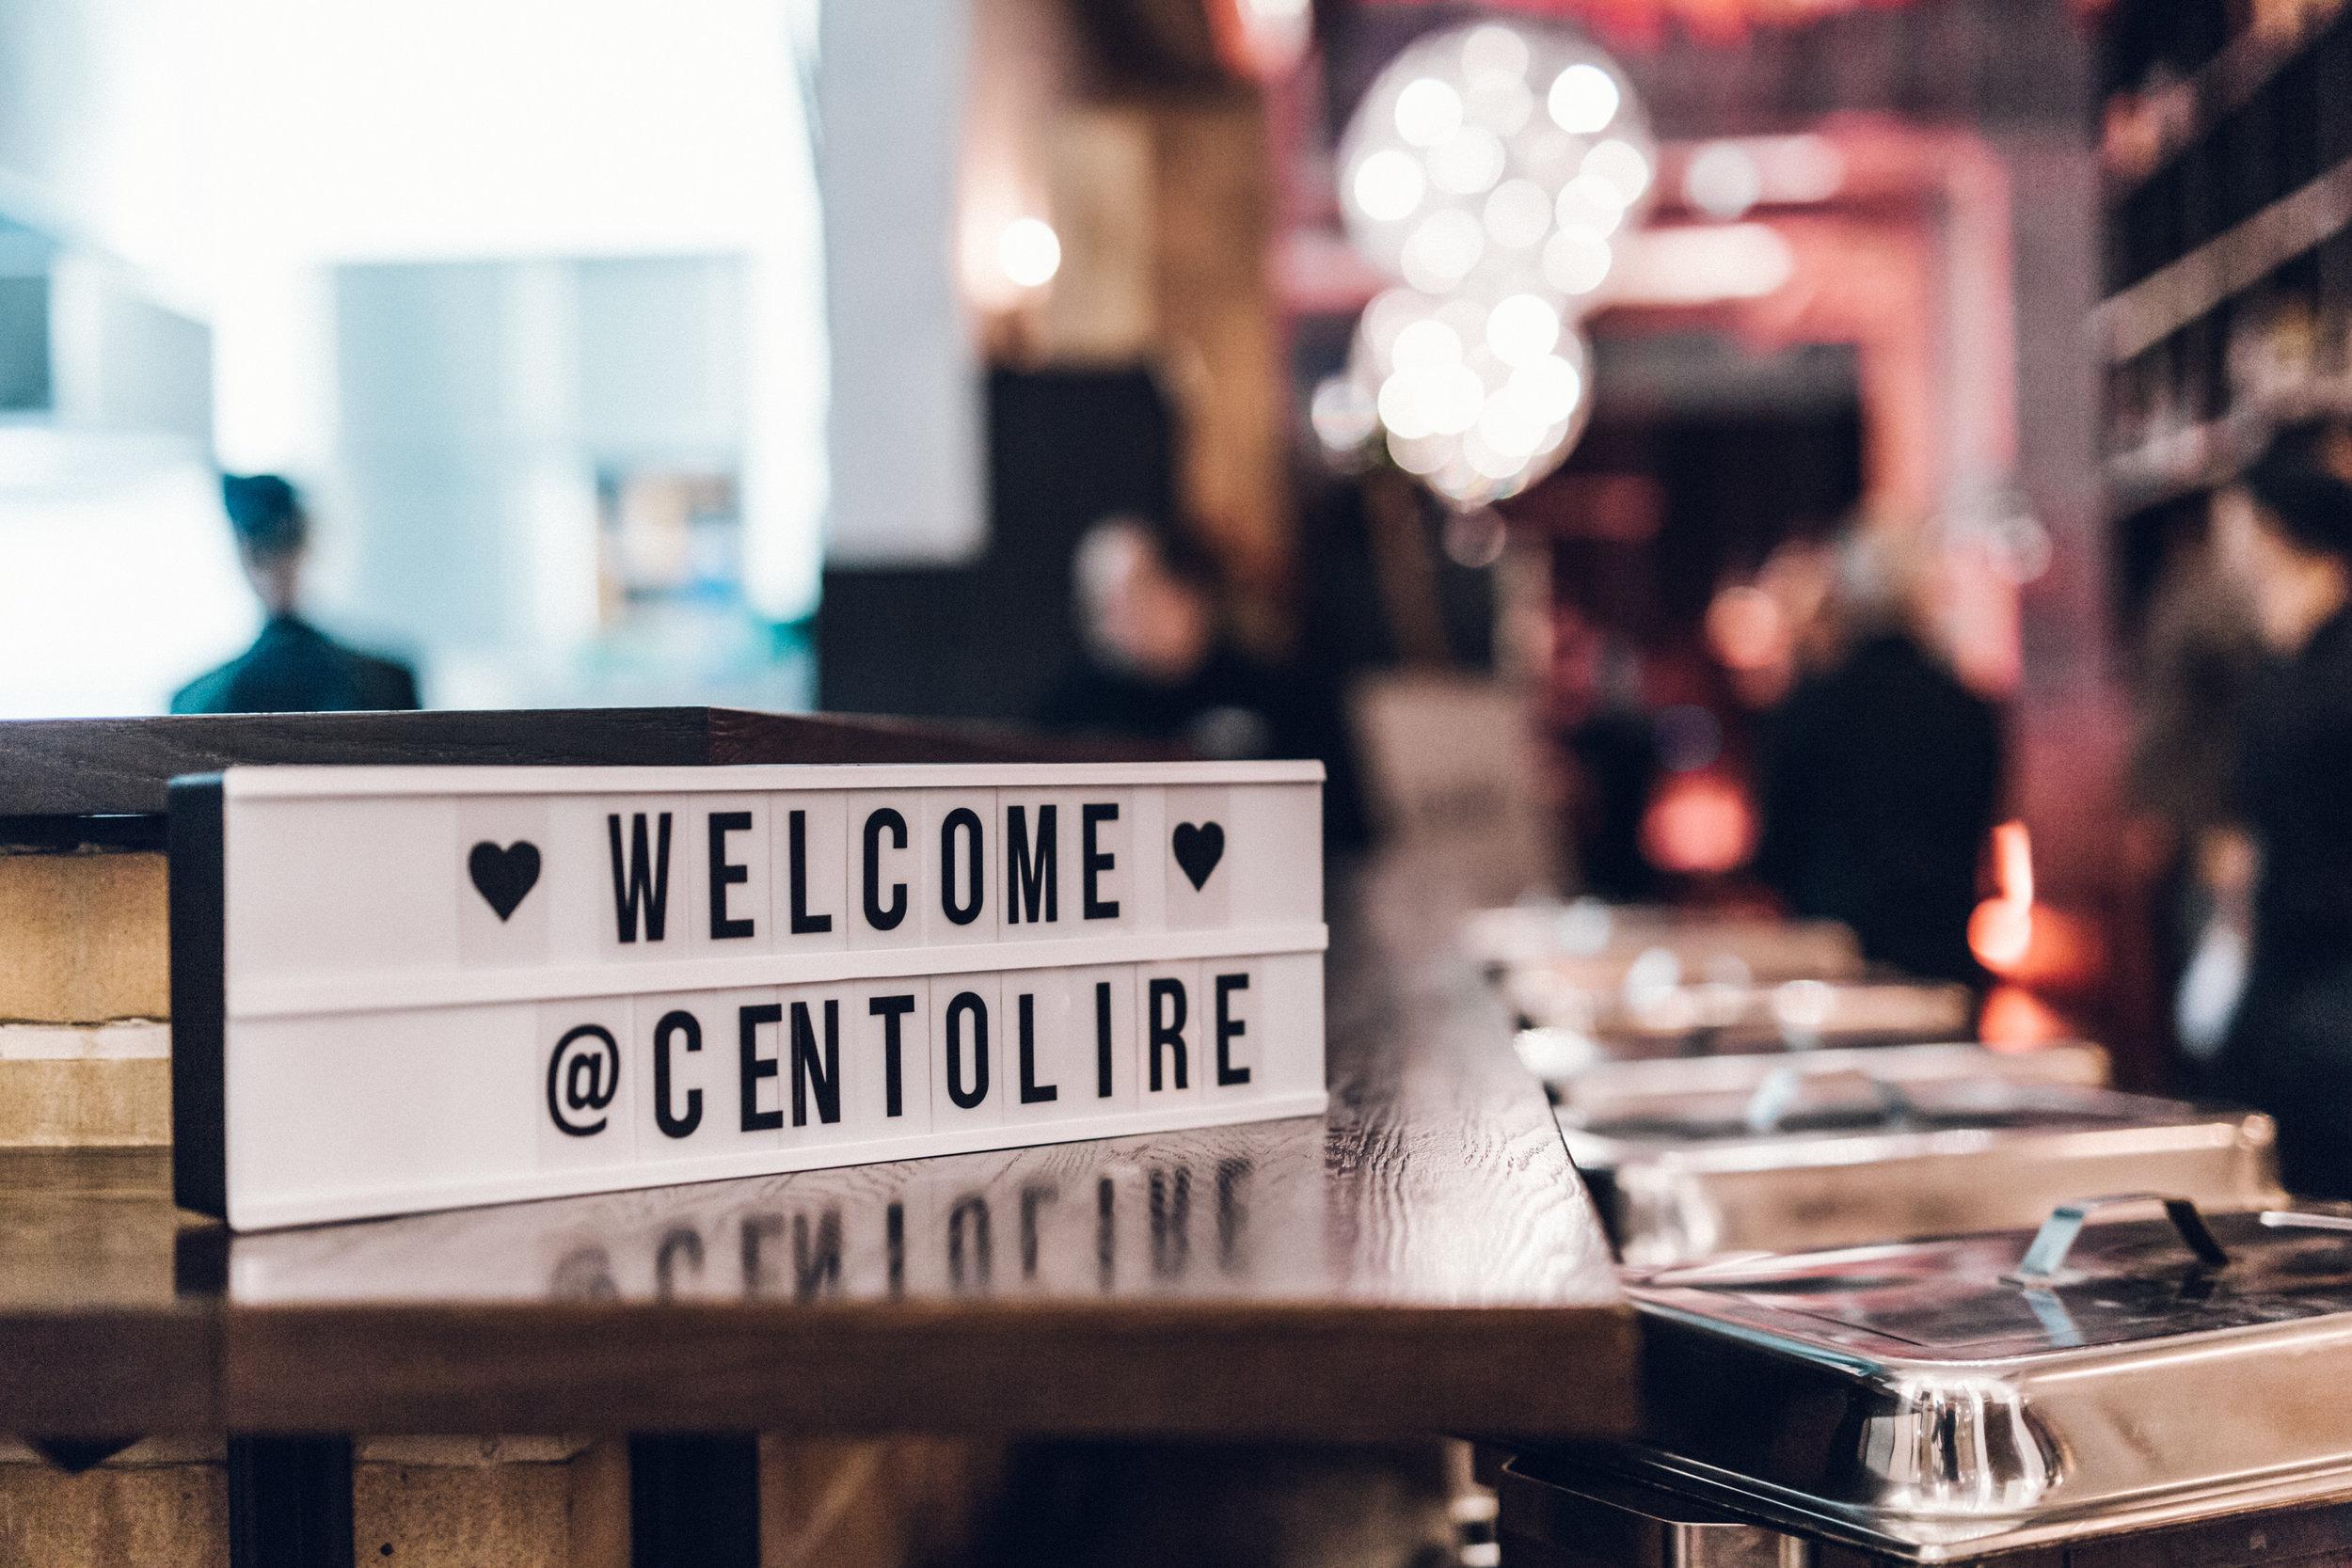 20180218-CENTOLIRE-PRIVATE-SOUL-FOOD-CONCERT-OFFENBLENDE-TK-006.jpg